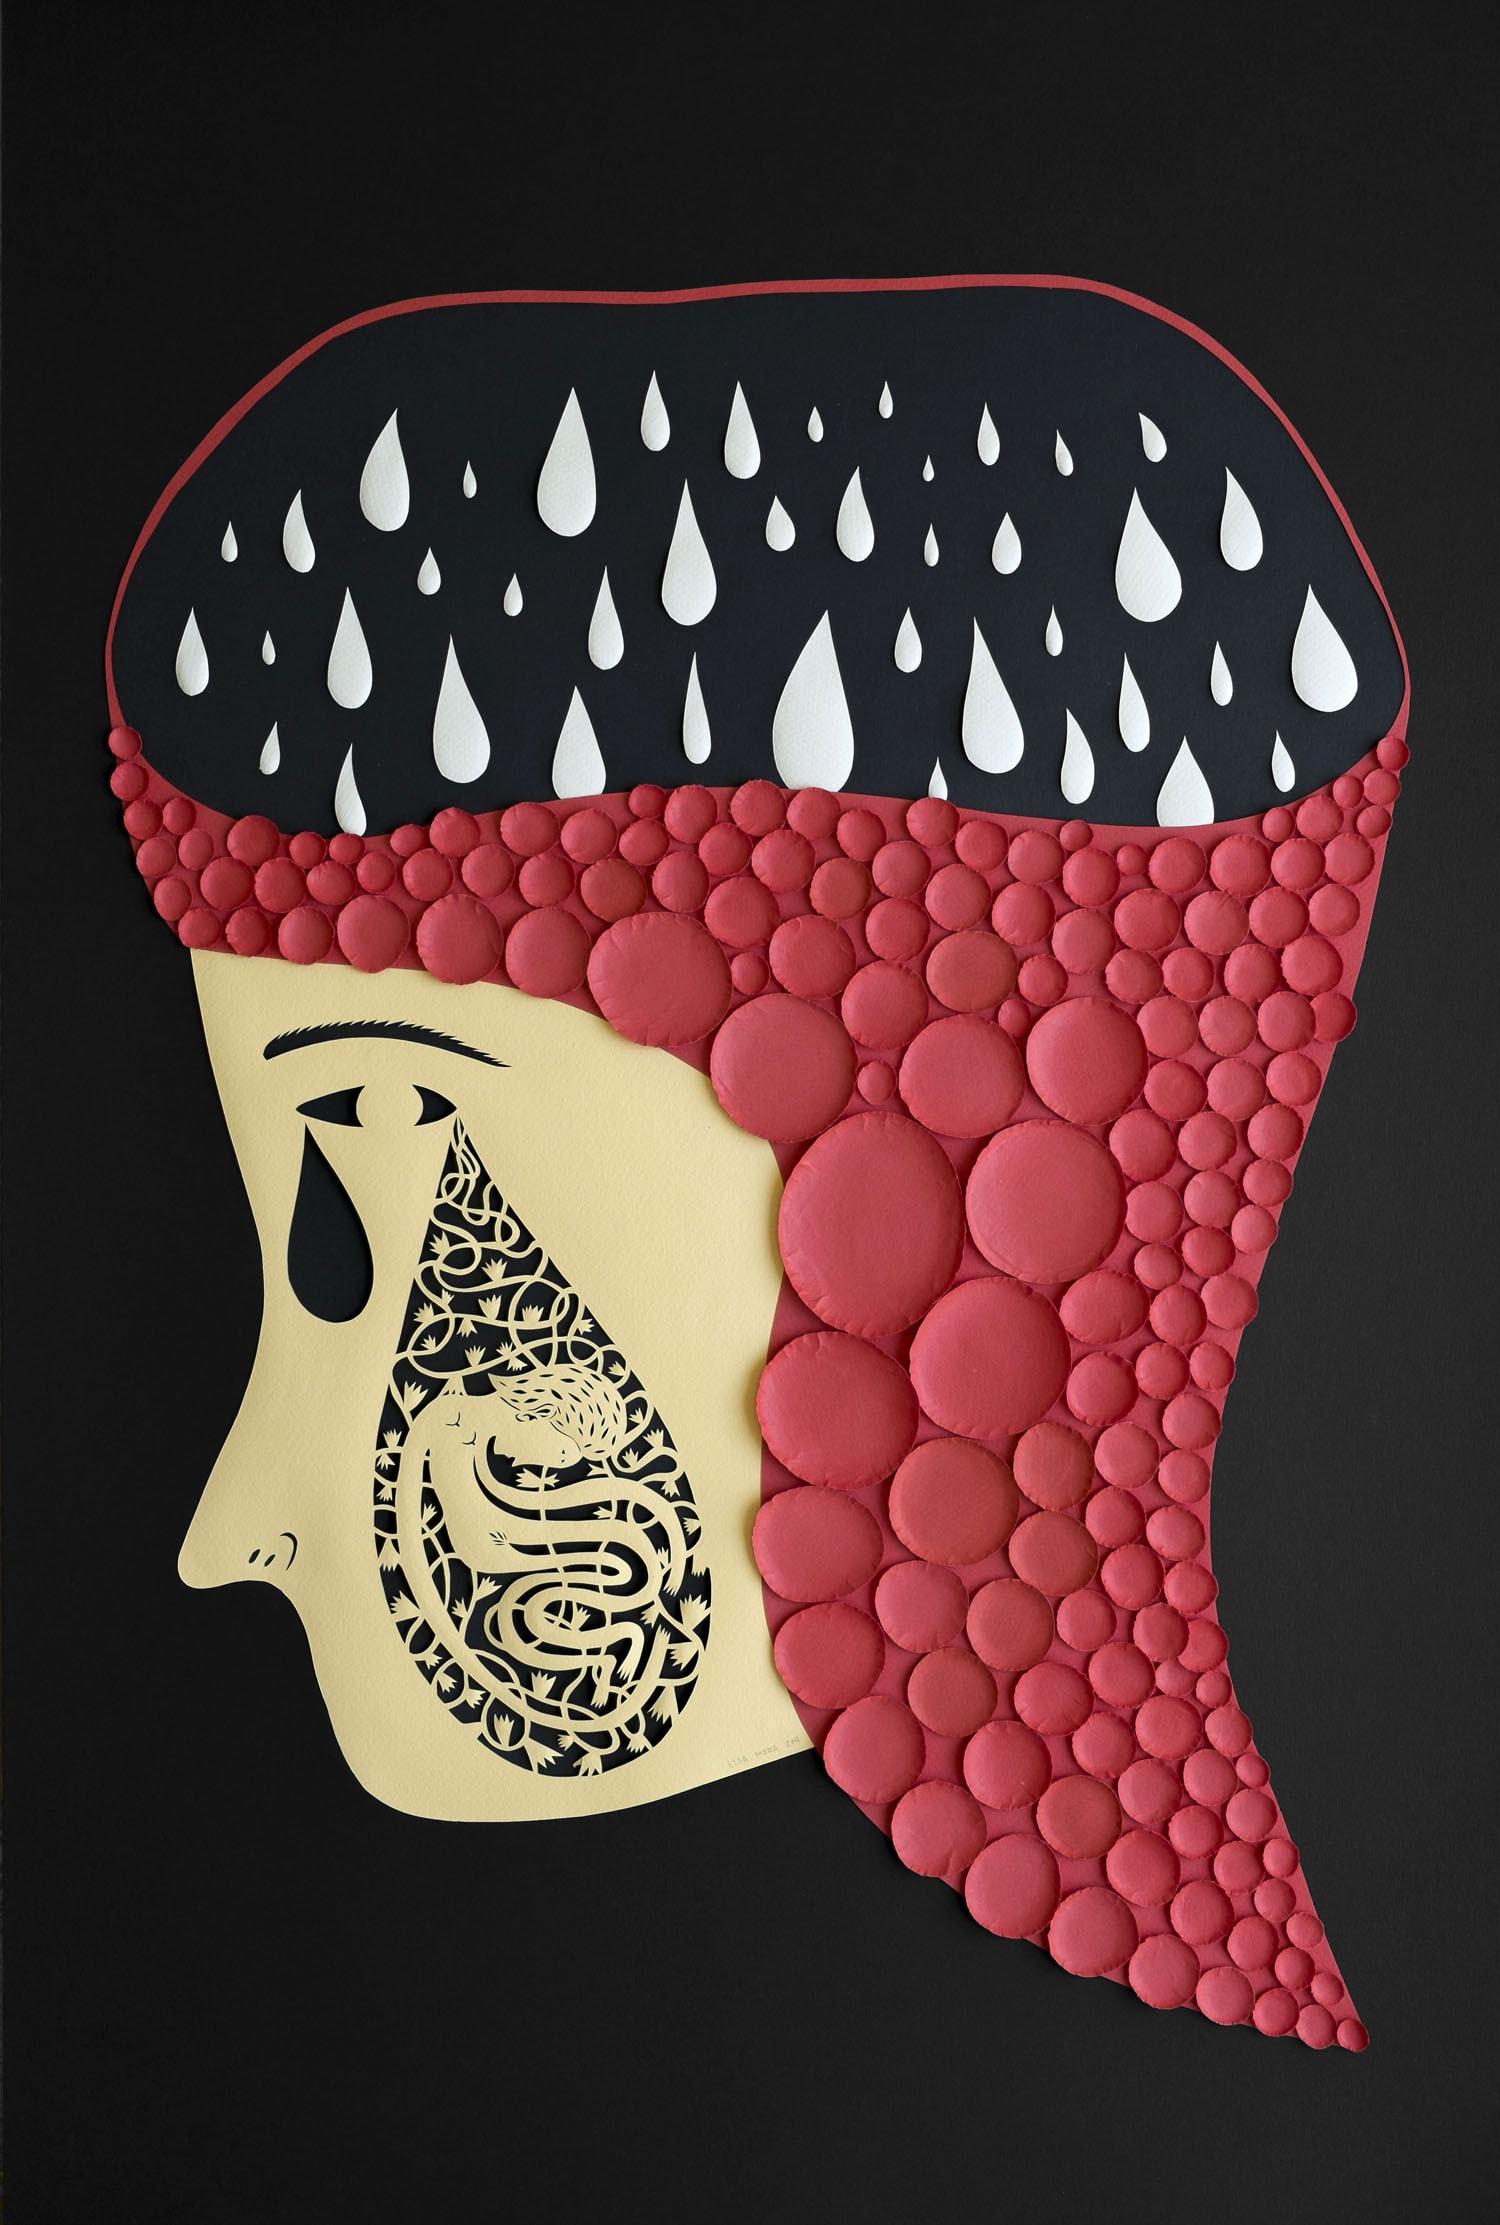 design blog illustration